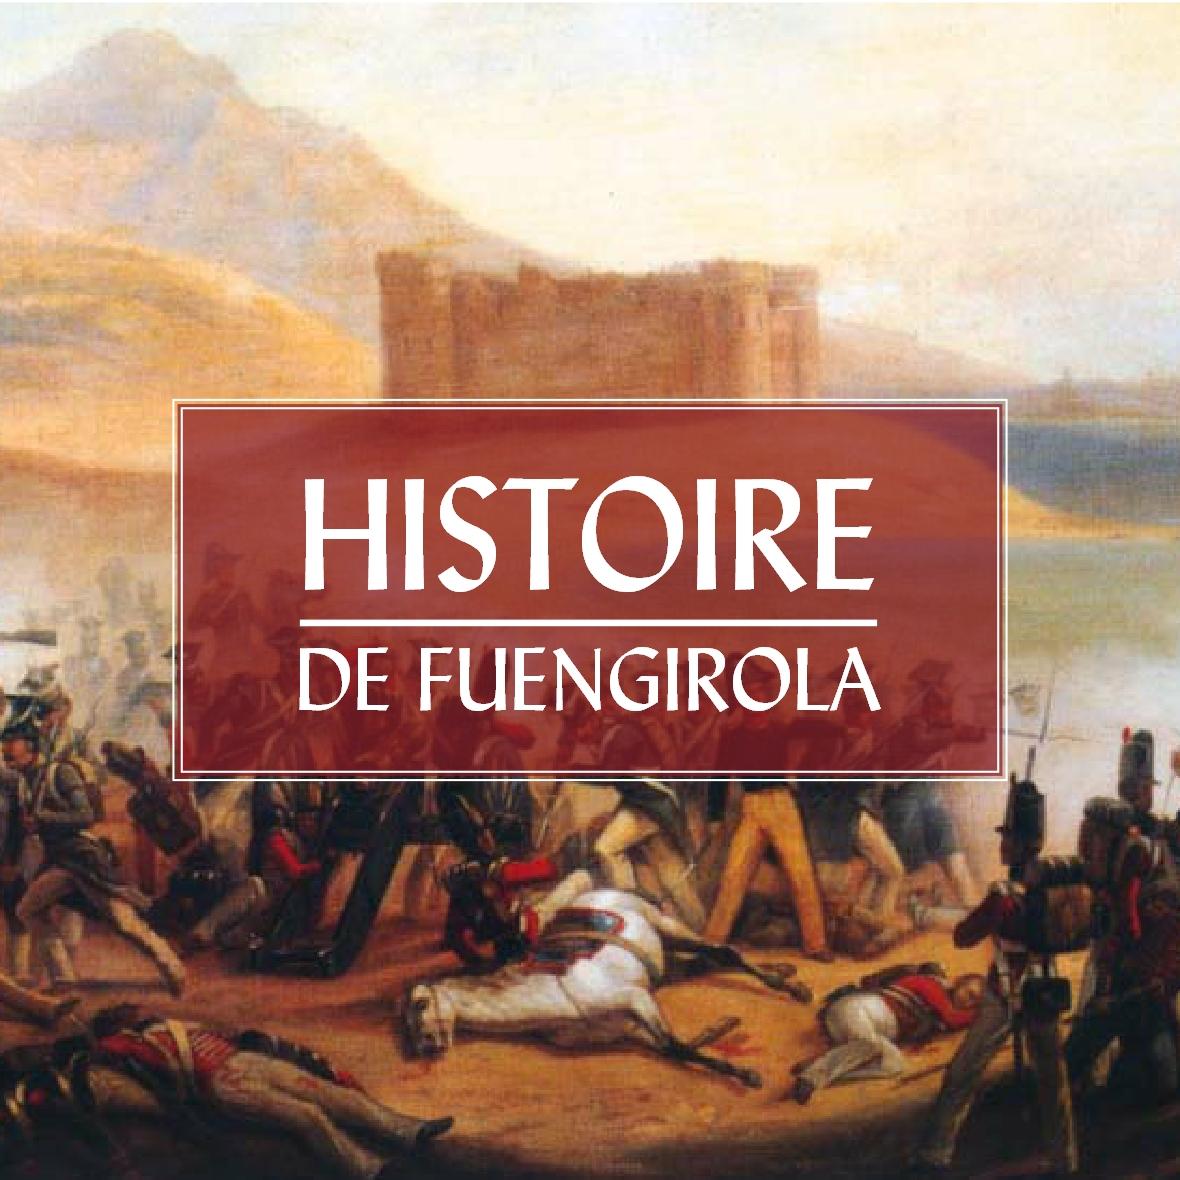 Histoire de Fuengirola